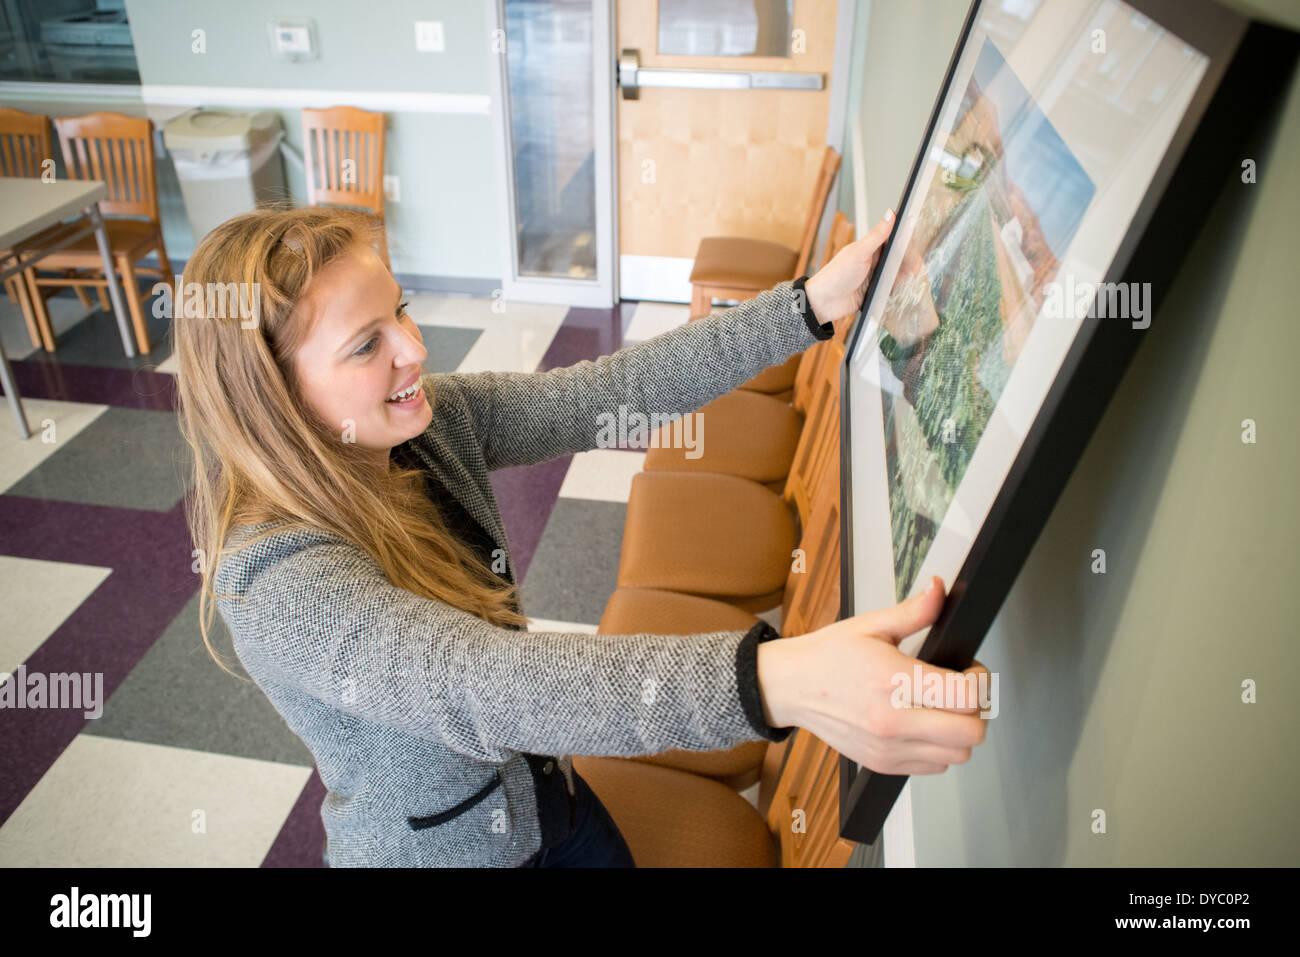 Junge Frau hängen Fotografien an Wand Stockbild